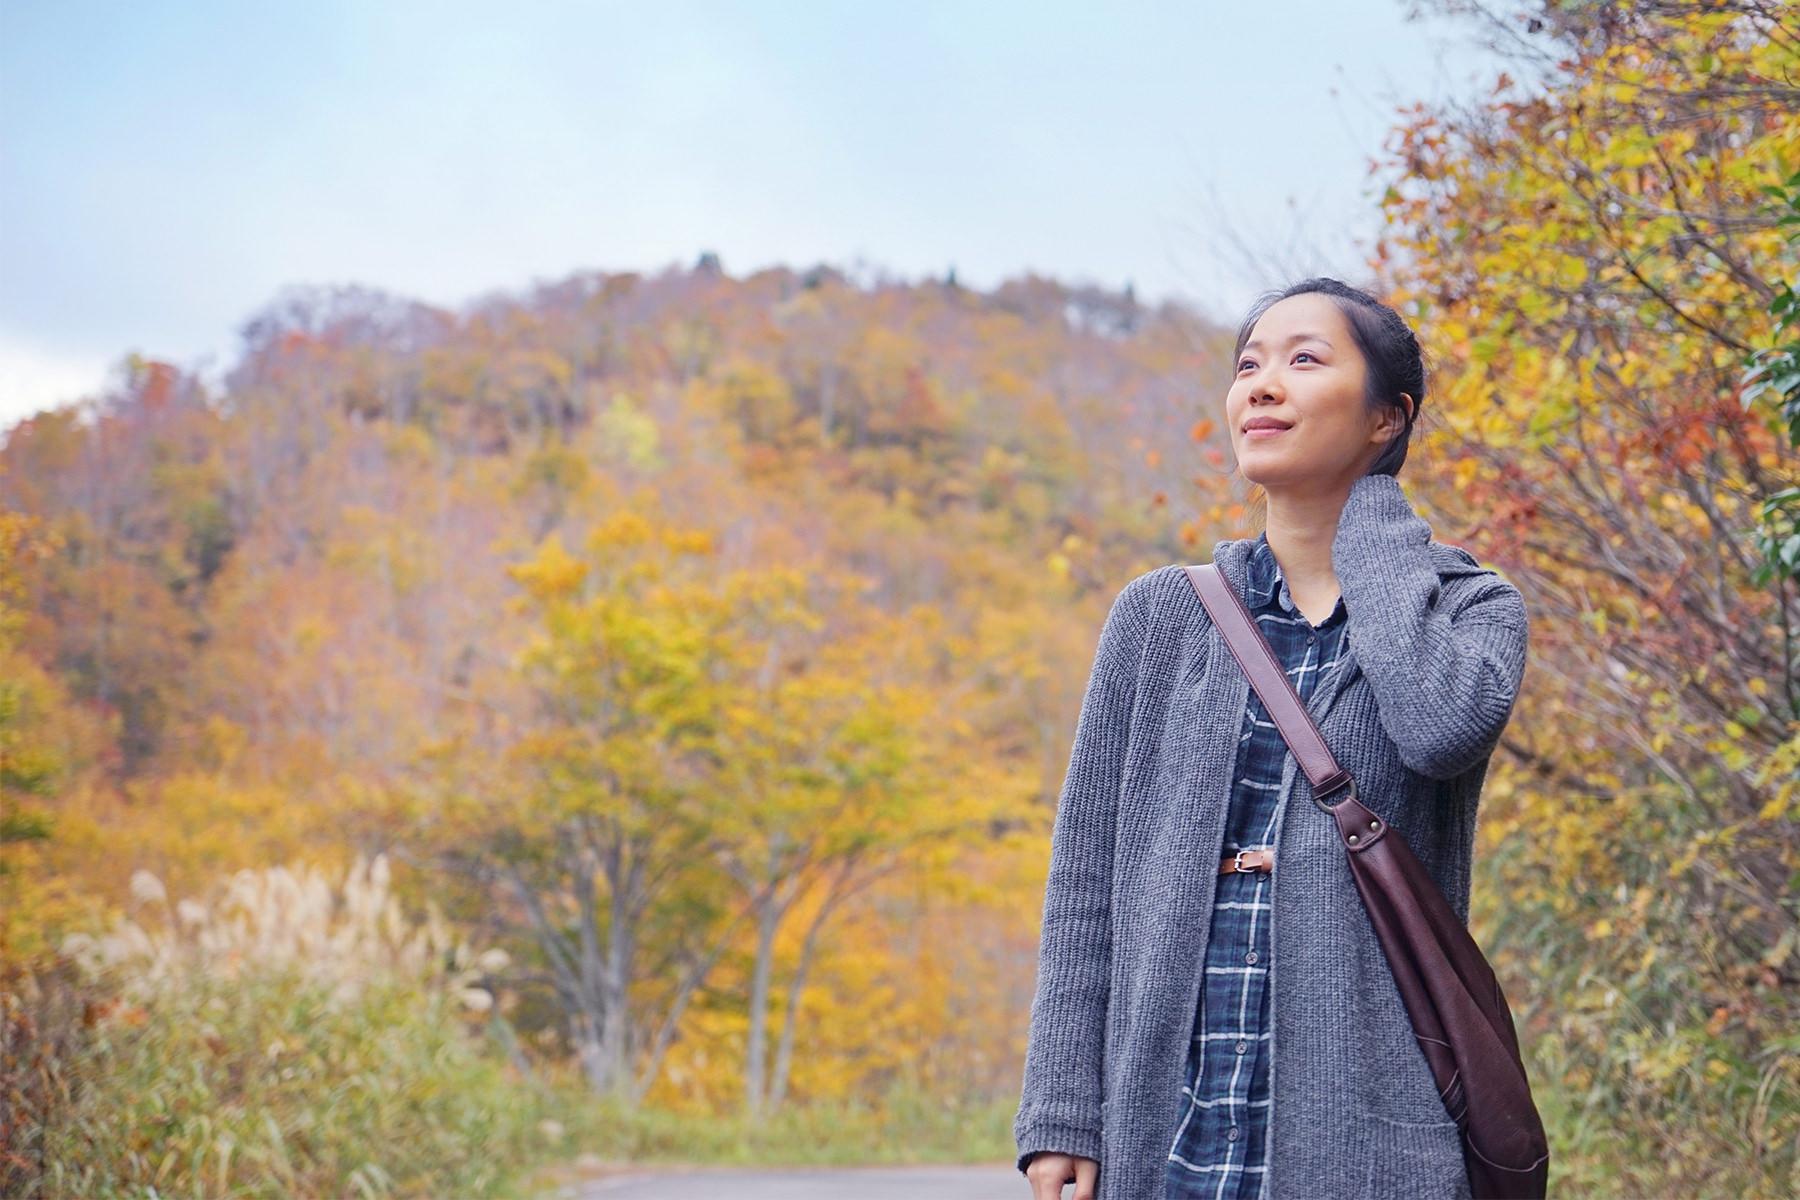 秋-2 山中の女性